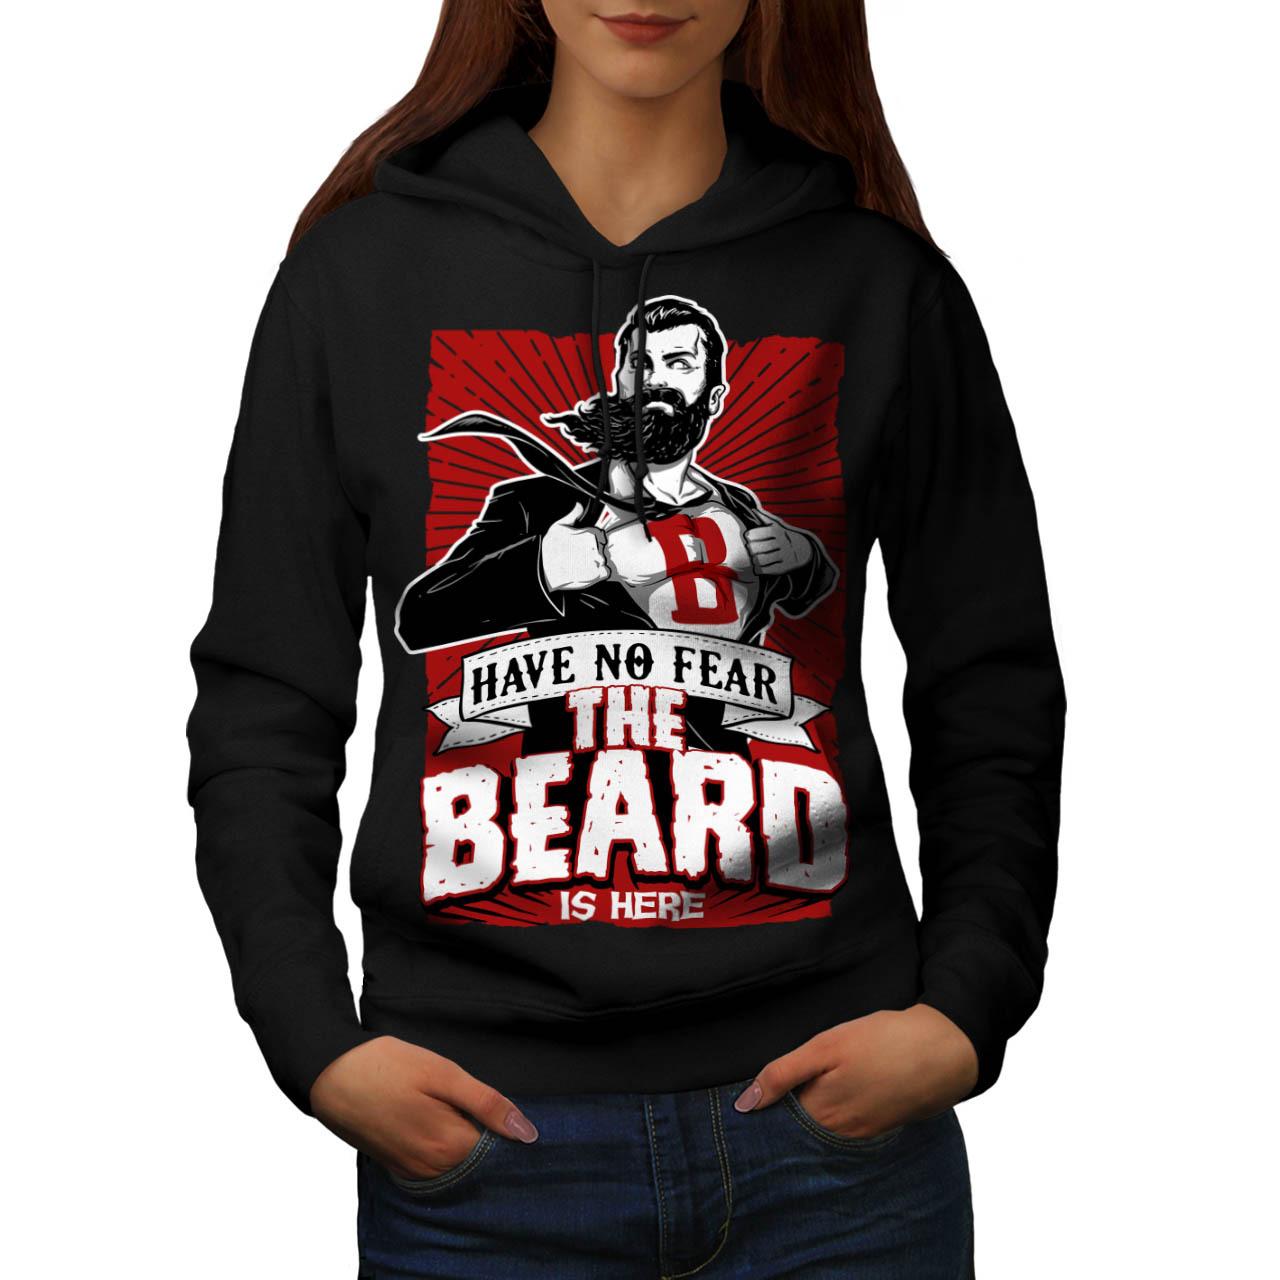 The Beard Is Here Sweatshirt Hoody Have No Fear Women Hoodie - $21.99 - $22.99